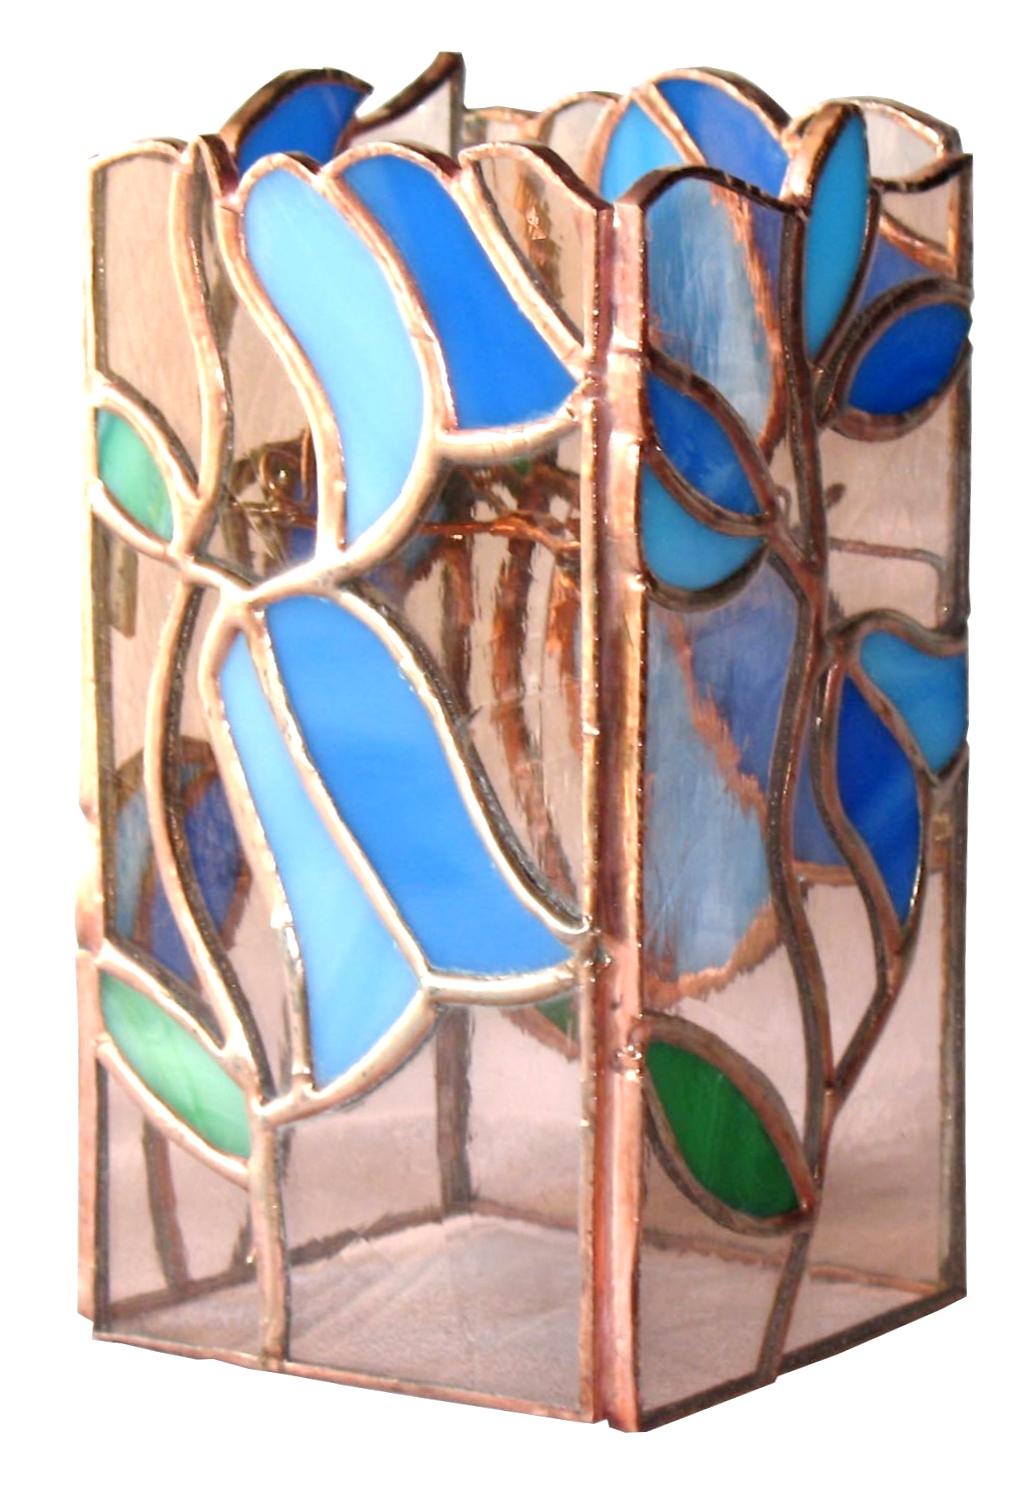 świecznik dzwoneczki tiffany kolekcja ogrody marzeń basole